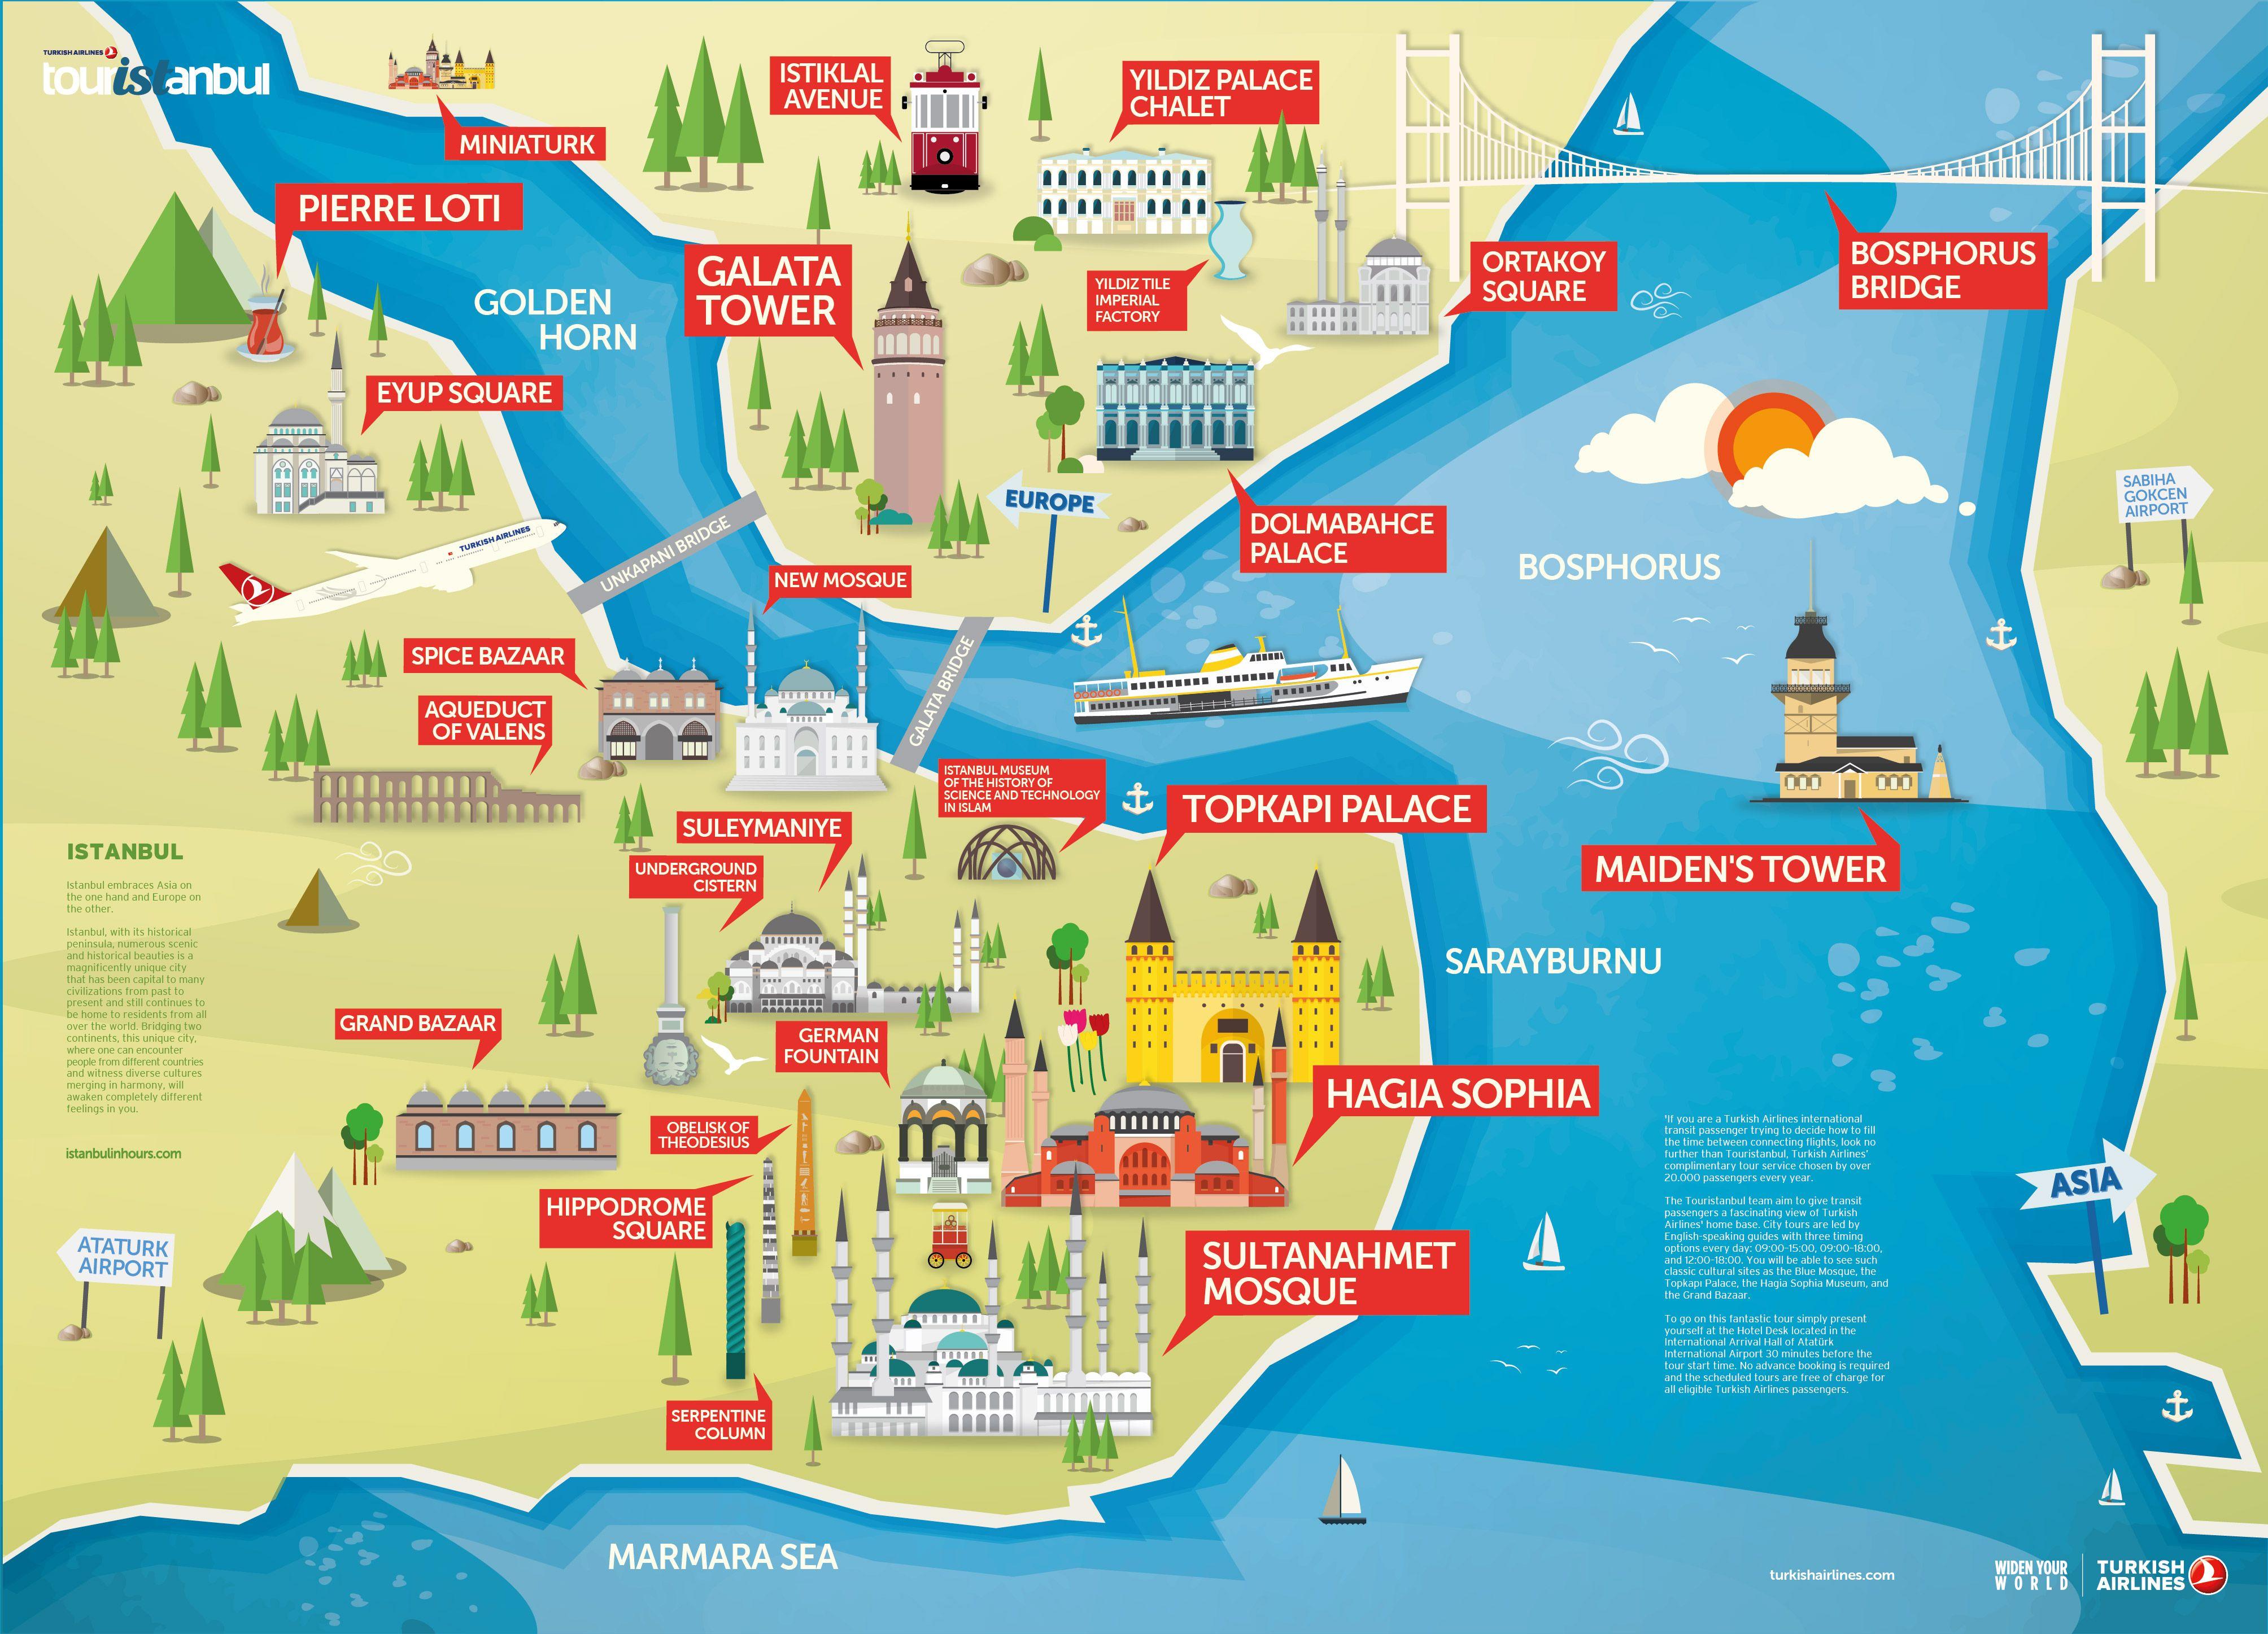 نقشه استانبول شما نقشه توریستی استانبول را مشاهده میکنید در این نقشه که میتوان انرا نقشه گردشگری استانبول نامید تمامی مقاصد و بناهای تاریخی و دیدنی استانبول را خواهید دید.